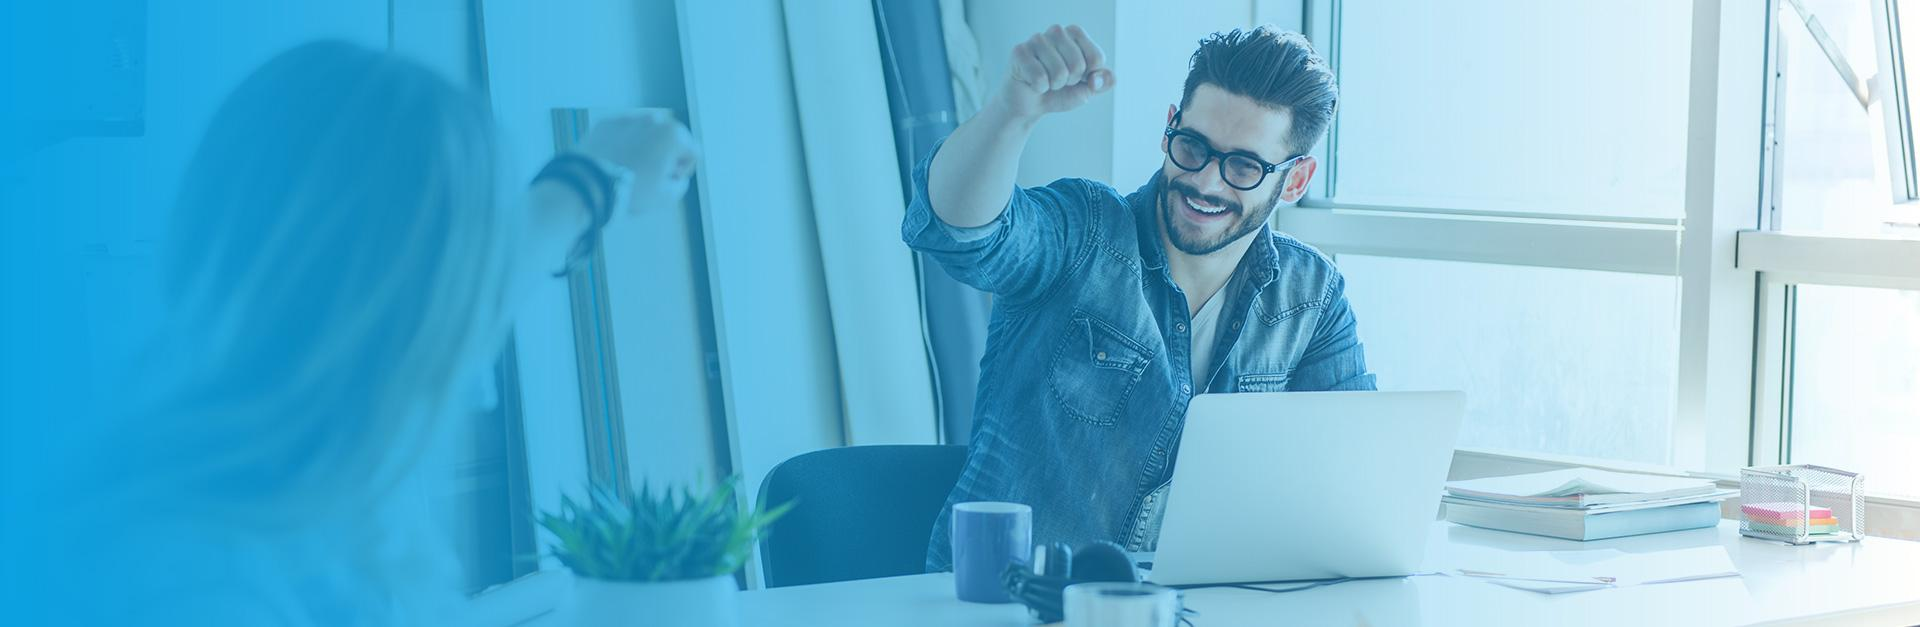 Webinar: HR Self Service Portal - Angestellte erleben die Zukunft unabhängig von Zeit und Raum